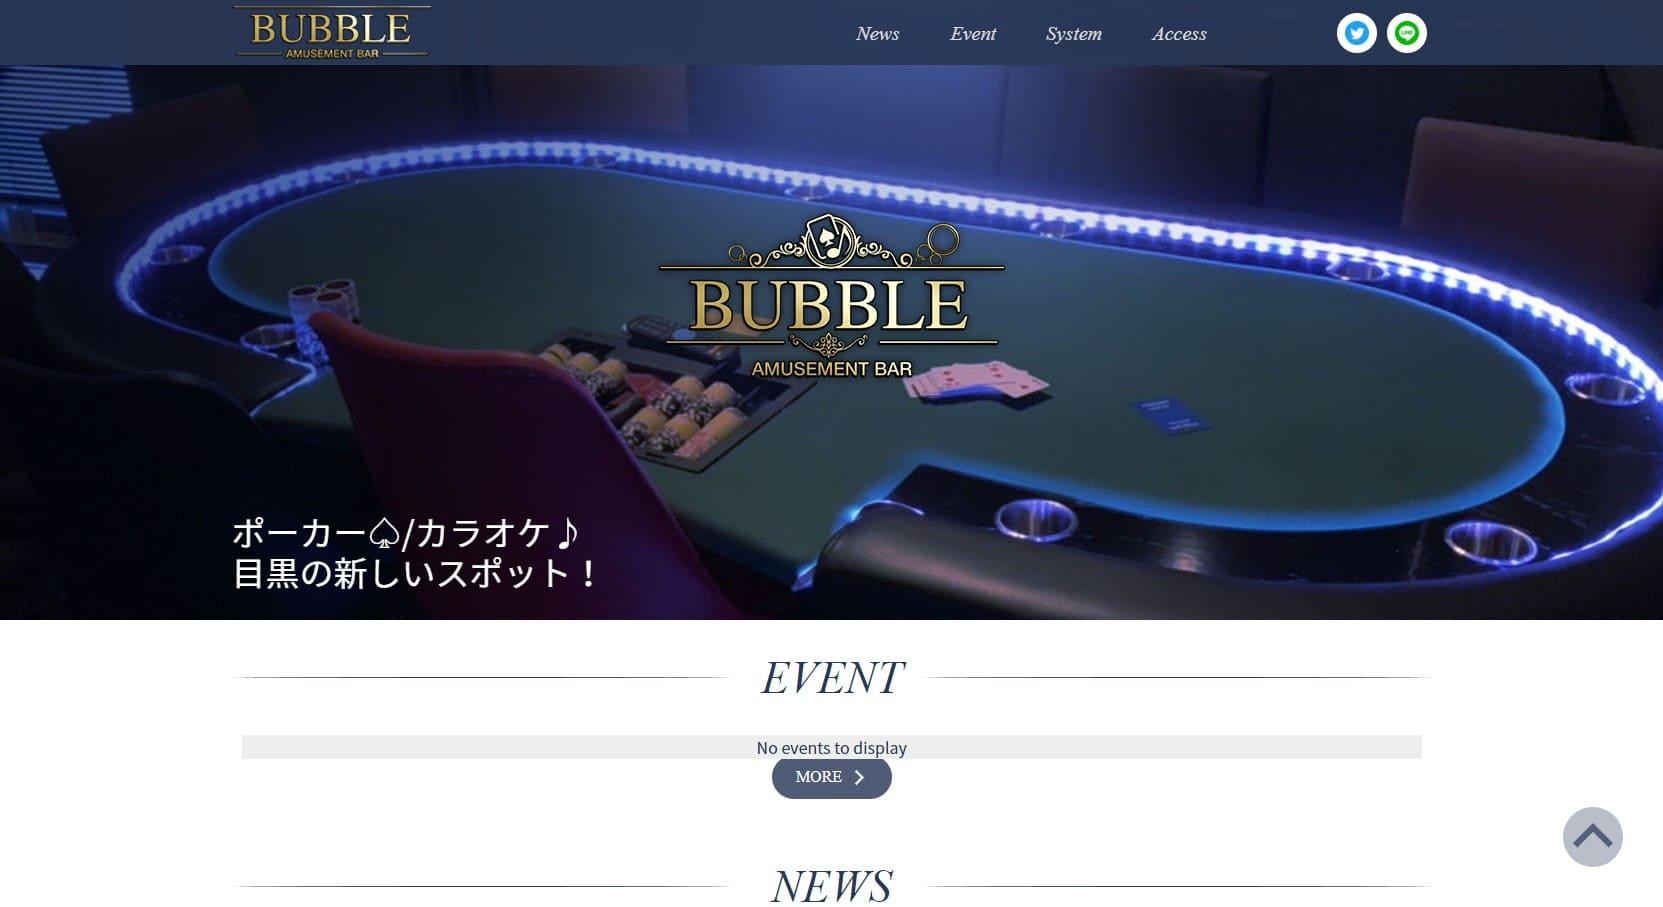 BUBBLE -Amusement bar-ウェブサイト画像。